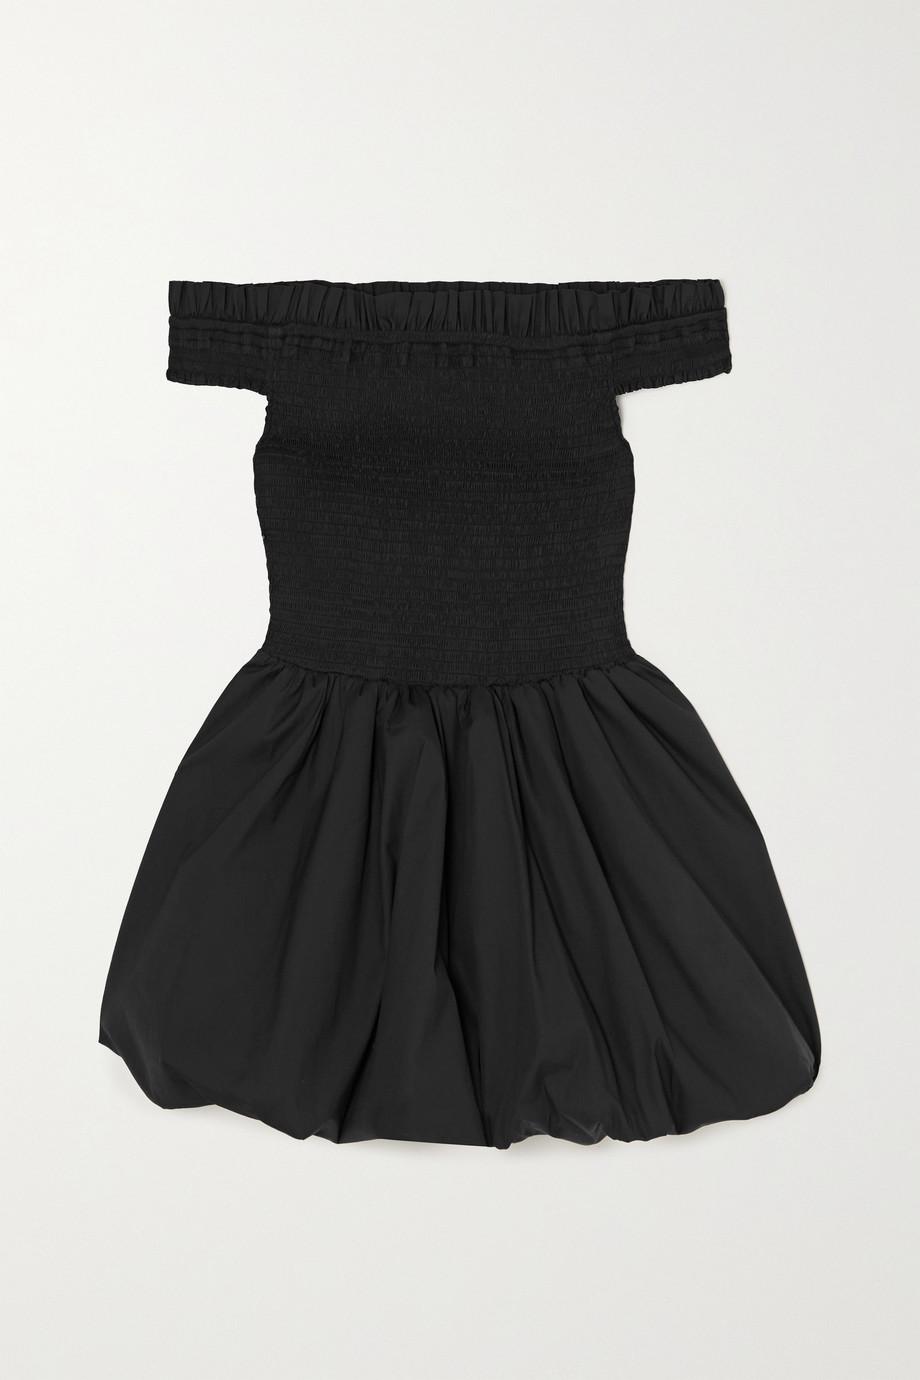 Caroline Constas Lily off-the-shoulder smocked cotton-blend mini dress